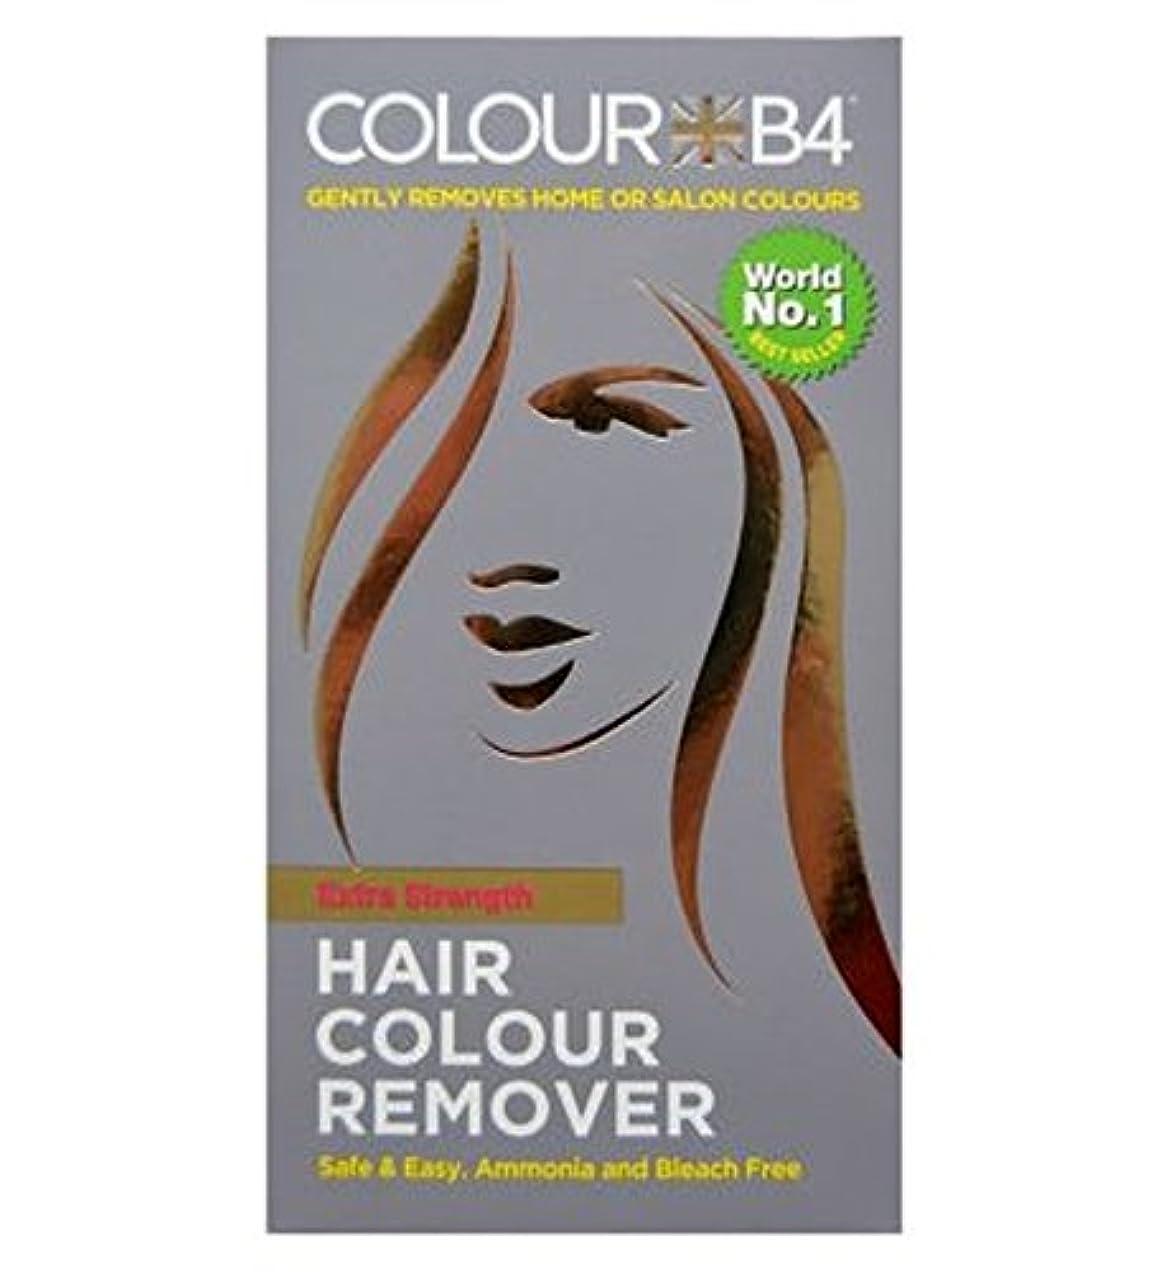 章慈悲深いオピエートColour B4. Hair colour remover extra strength - カラーB4。ヘアカラーリムーバー余分な強さ (ColourB4) [並行輸入品]